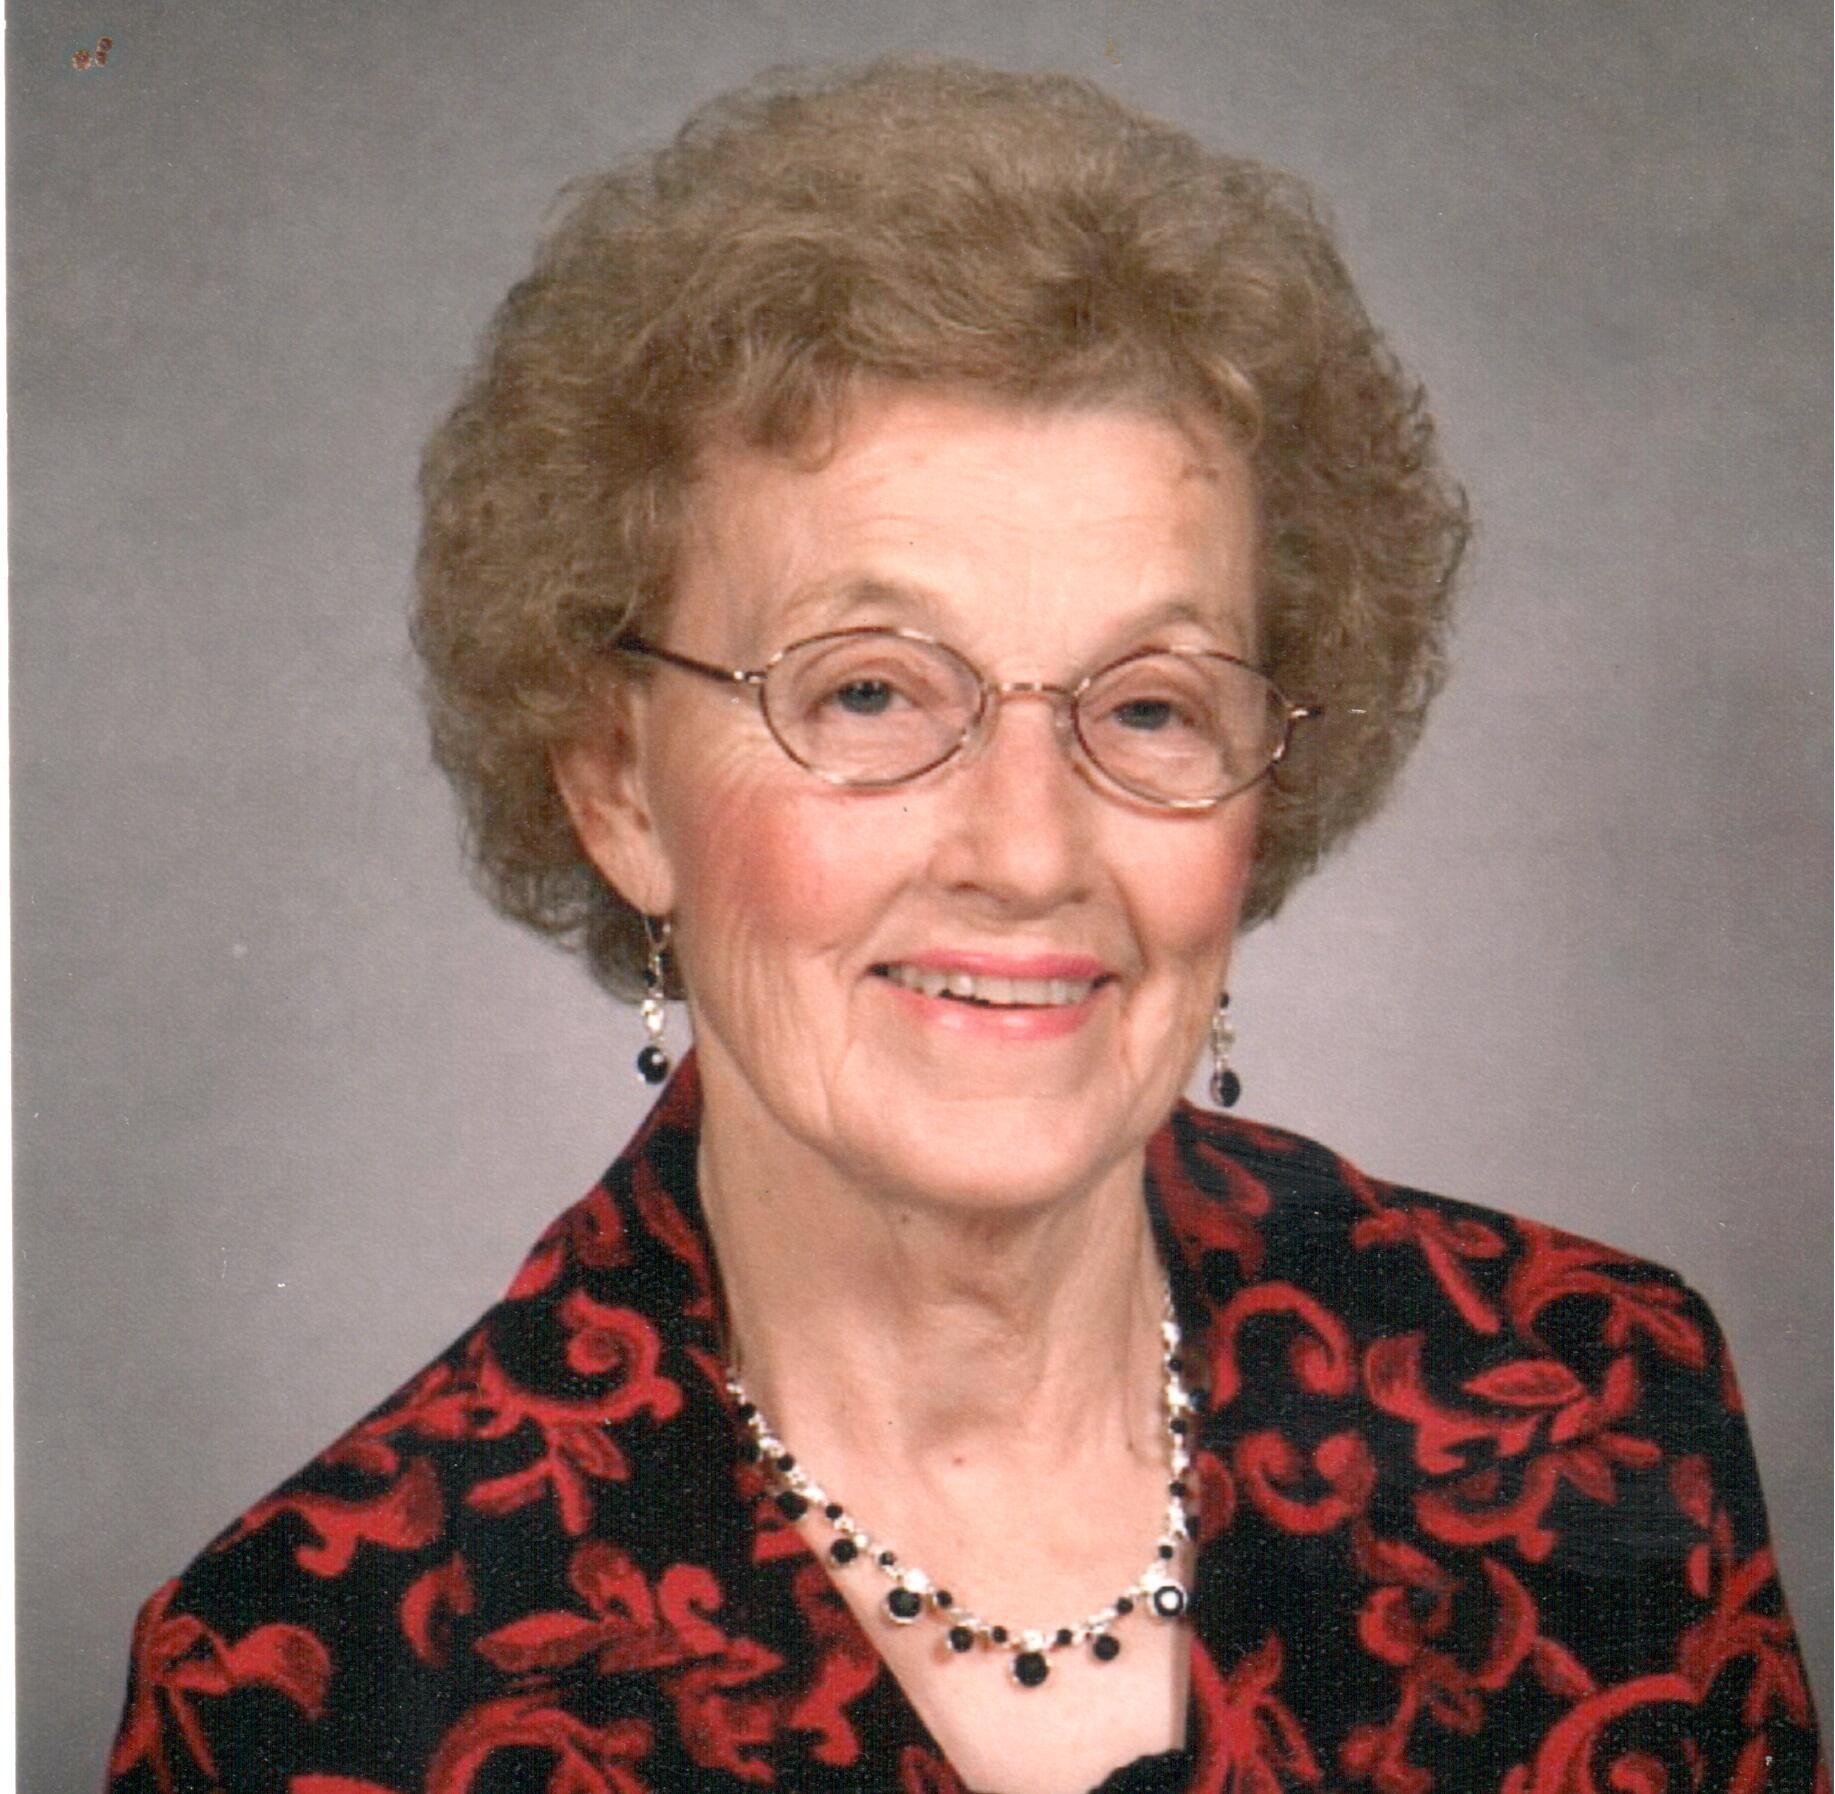 Irene R. Giesler, age 90 of Jasper